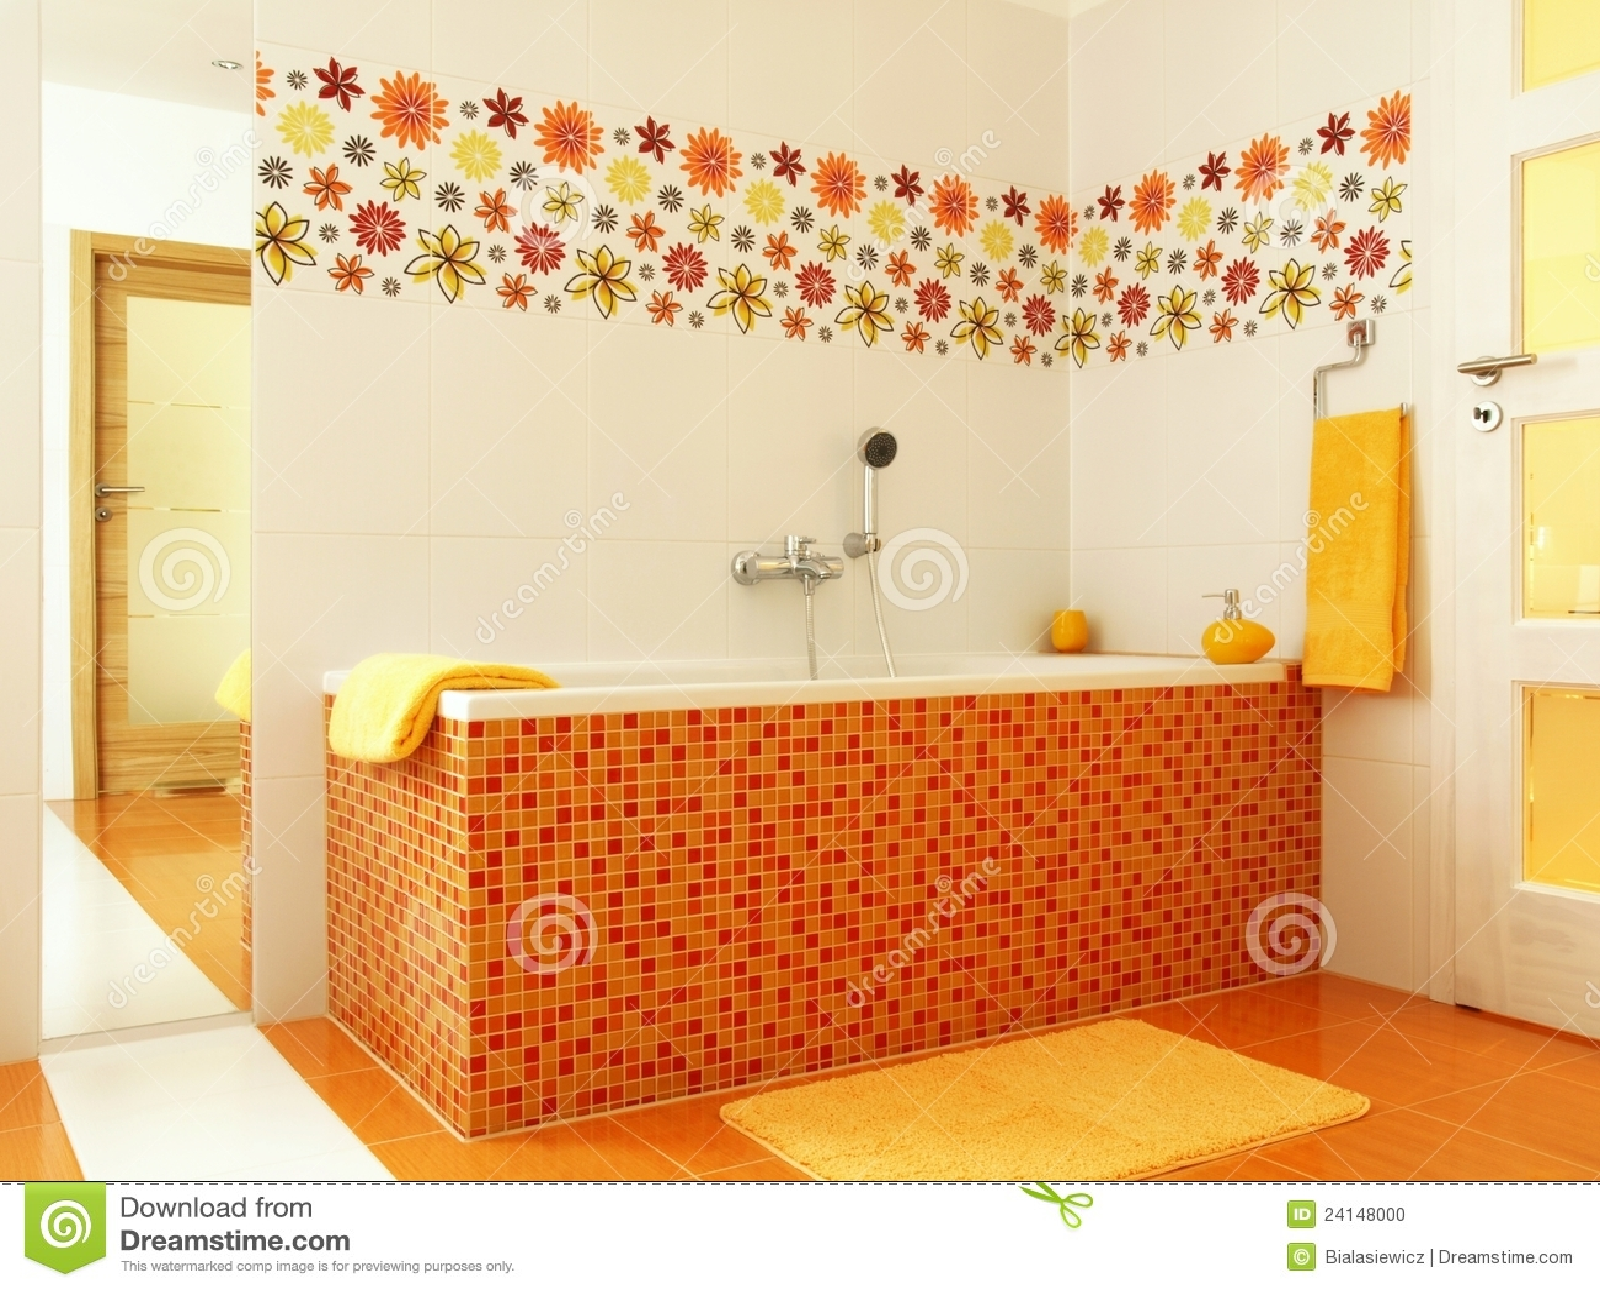 Badkamer oranje badkamer ontwerp idee n voor uw huis samen met meubels die het - Gemeubleerde salle de bains ontwerp ...